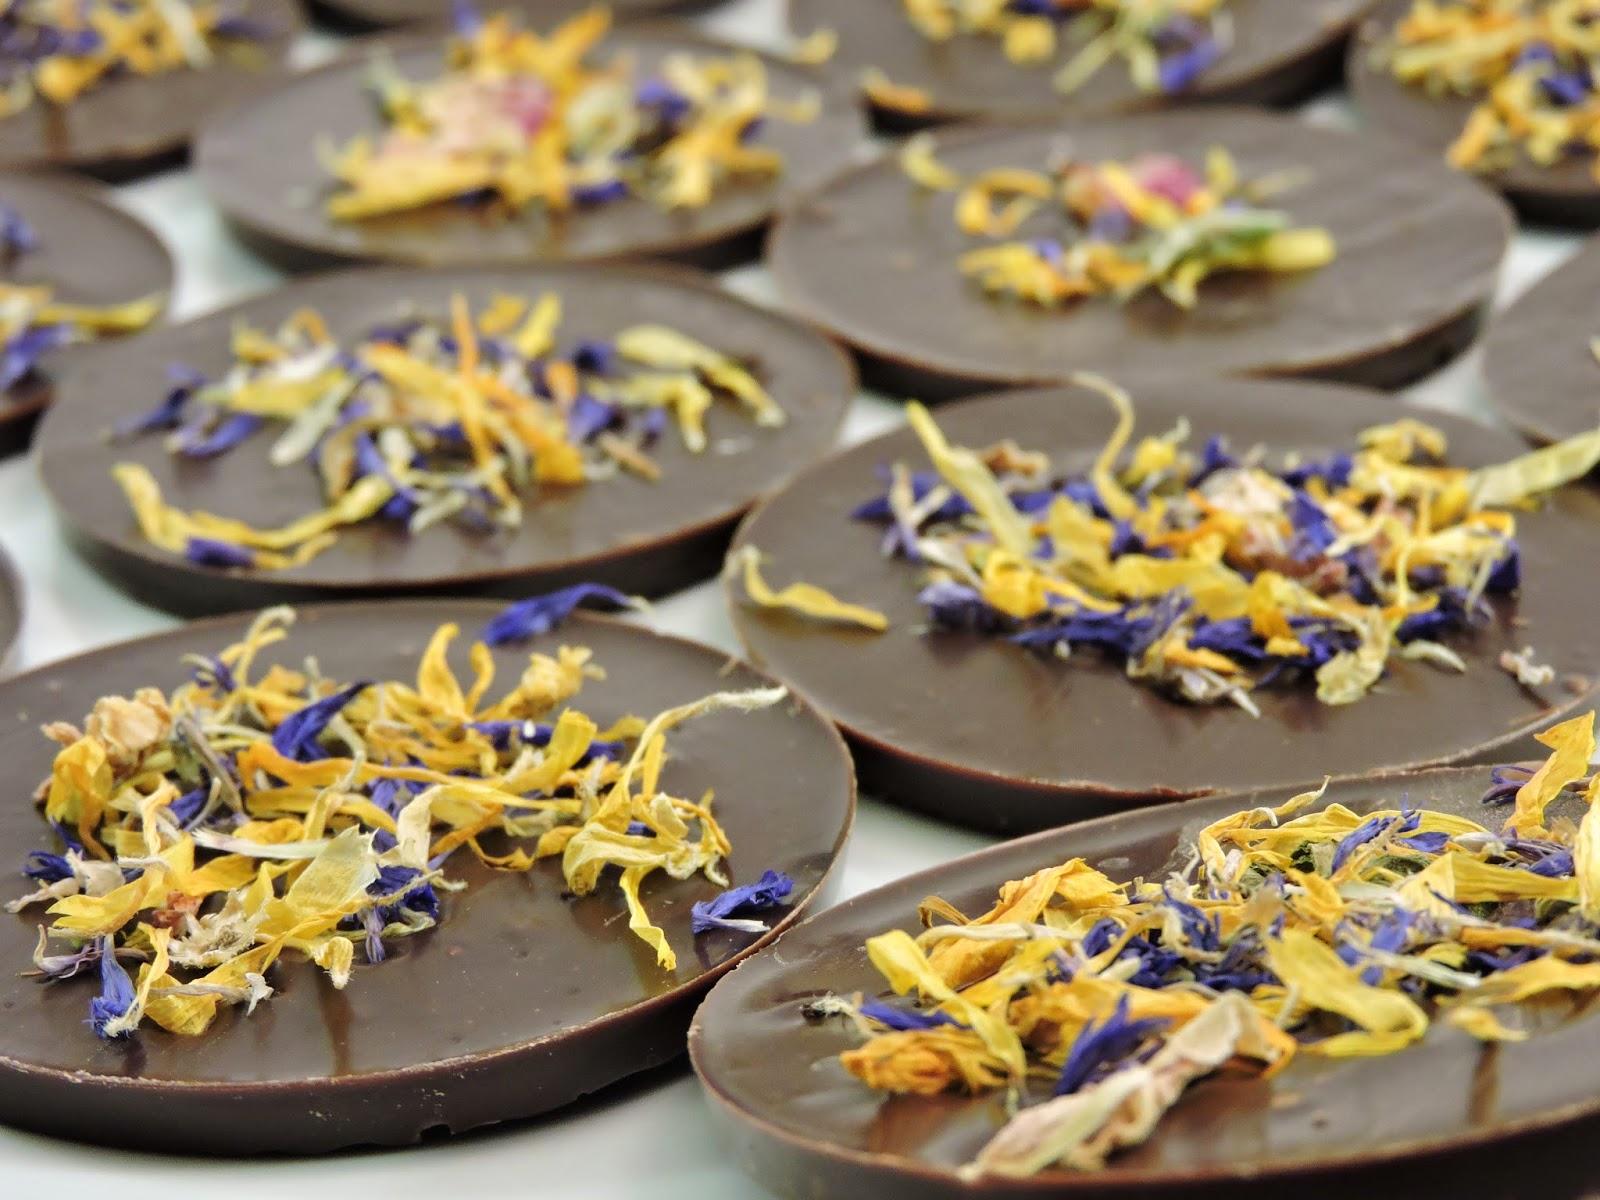 Palets de chocolat noir aux fleurs de bleuet, de soucis et de rose